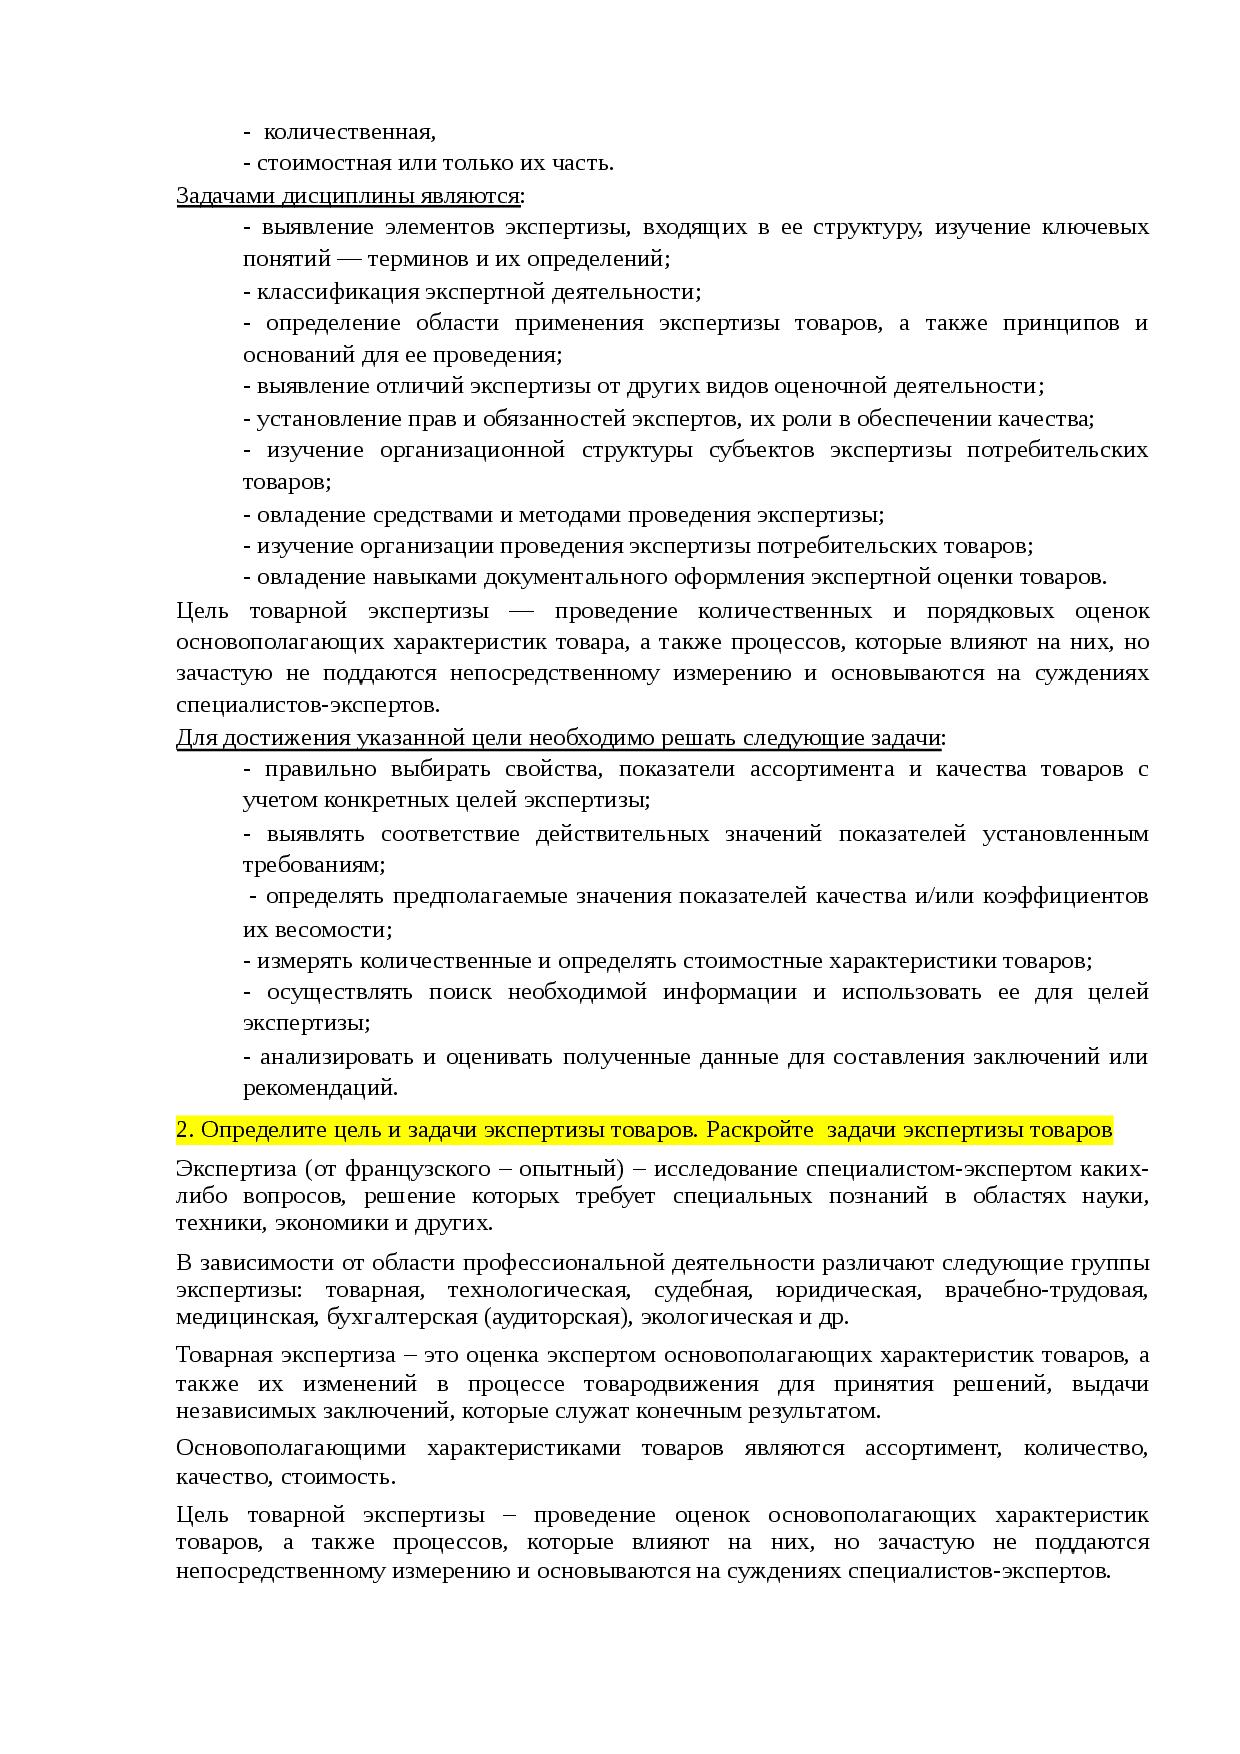 Примеры объективной информации и необъективной